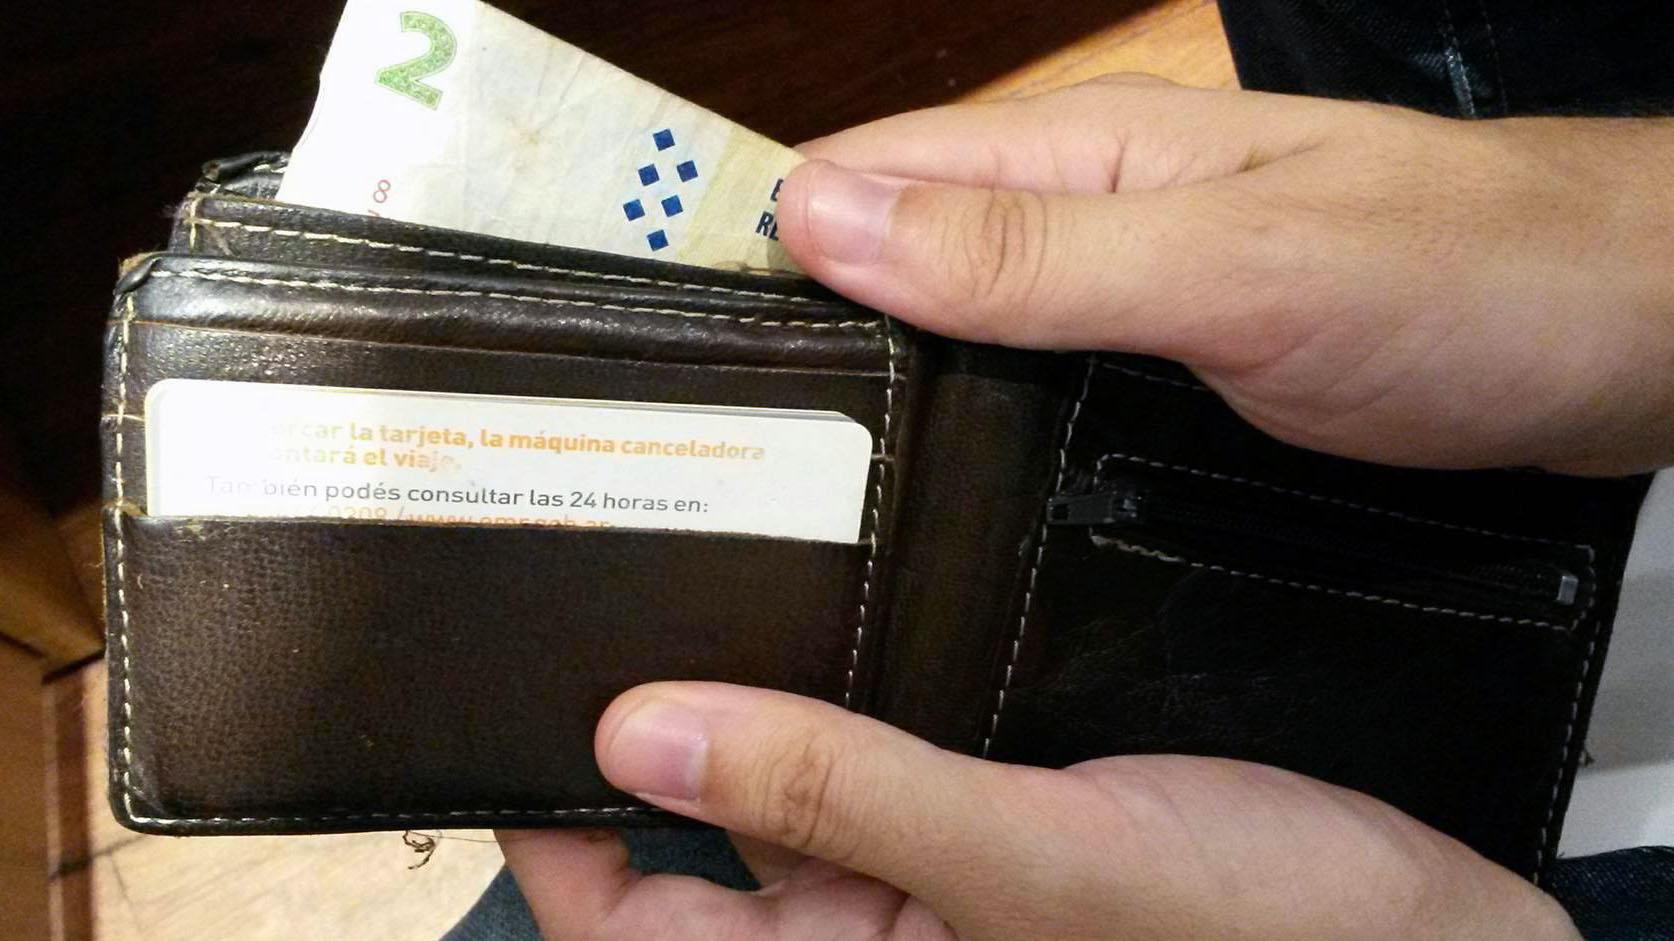 La billetera fue entregada por otra persona en Radio Casilda. (Imagen Ilustrativa).